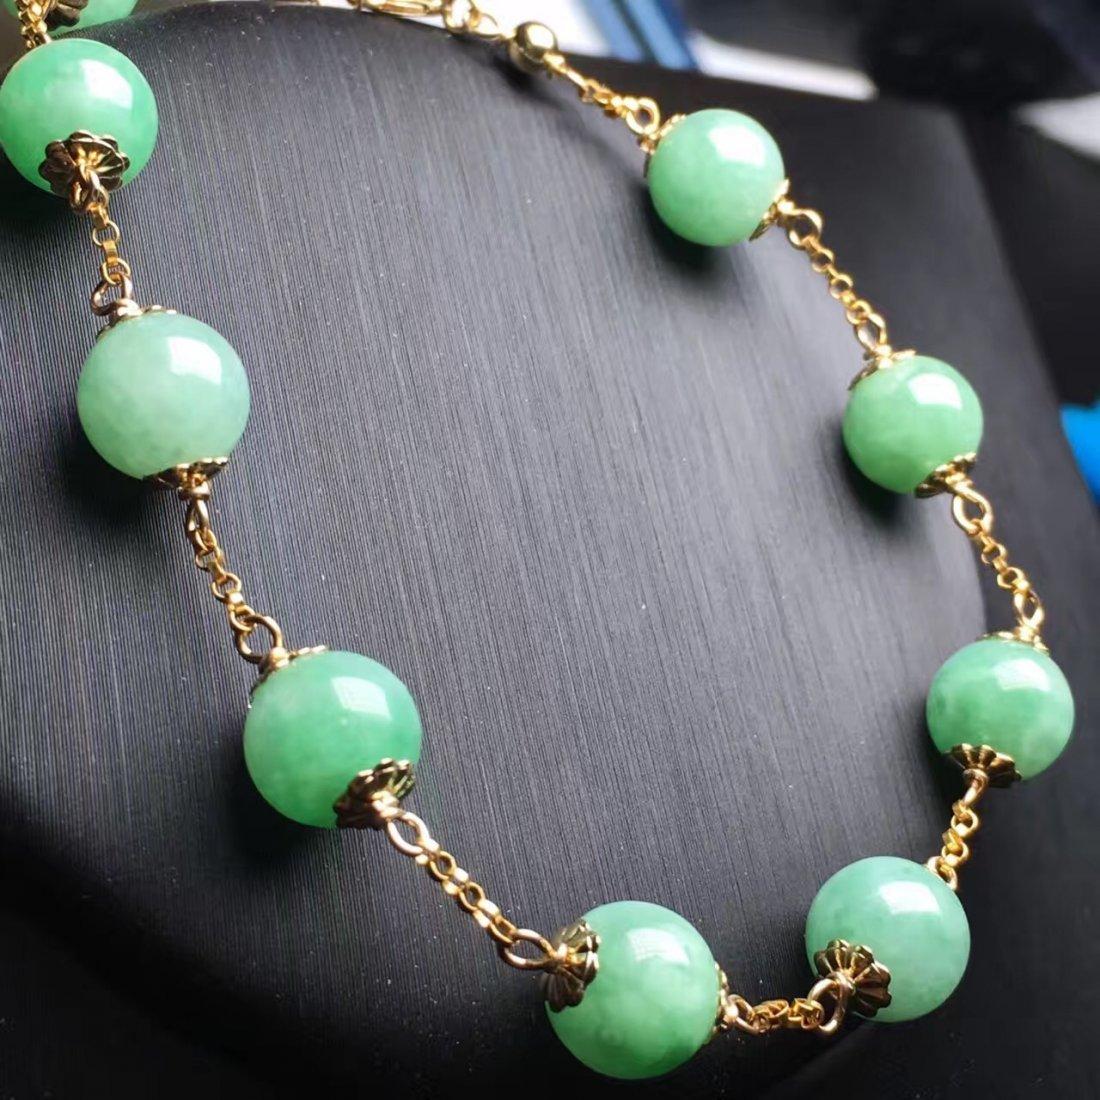 14K Gold Natural Jadeite Bracelet - 3